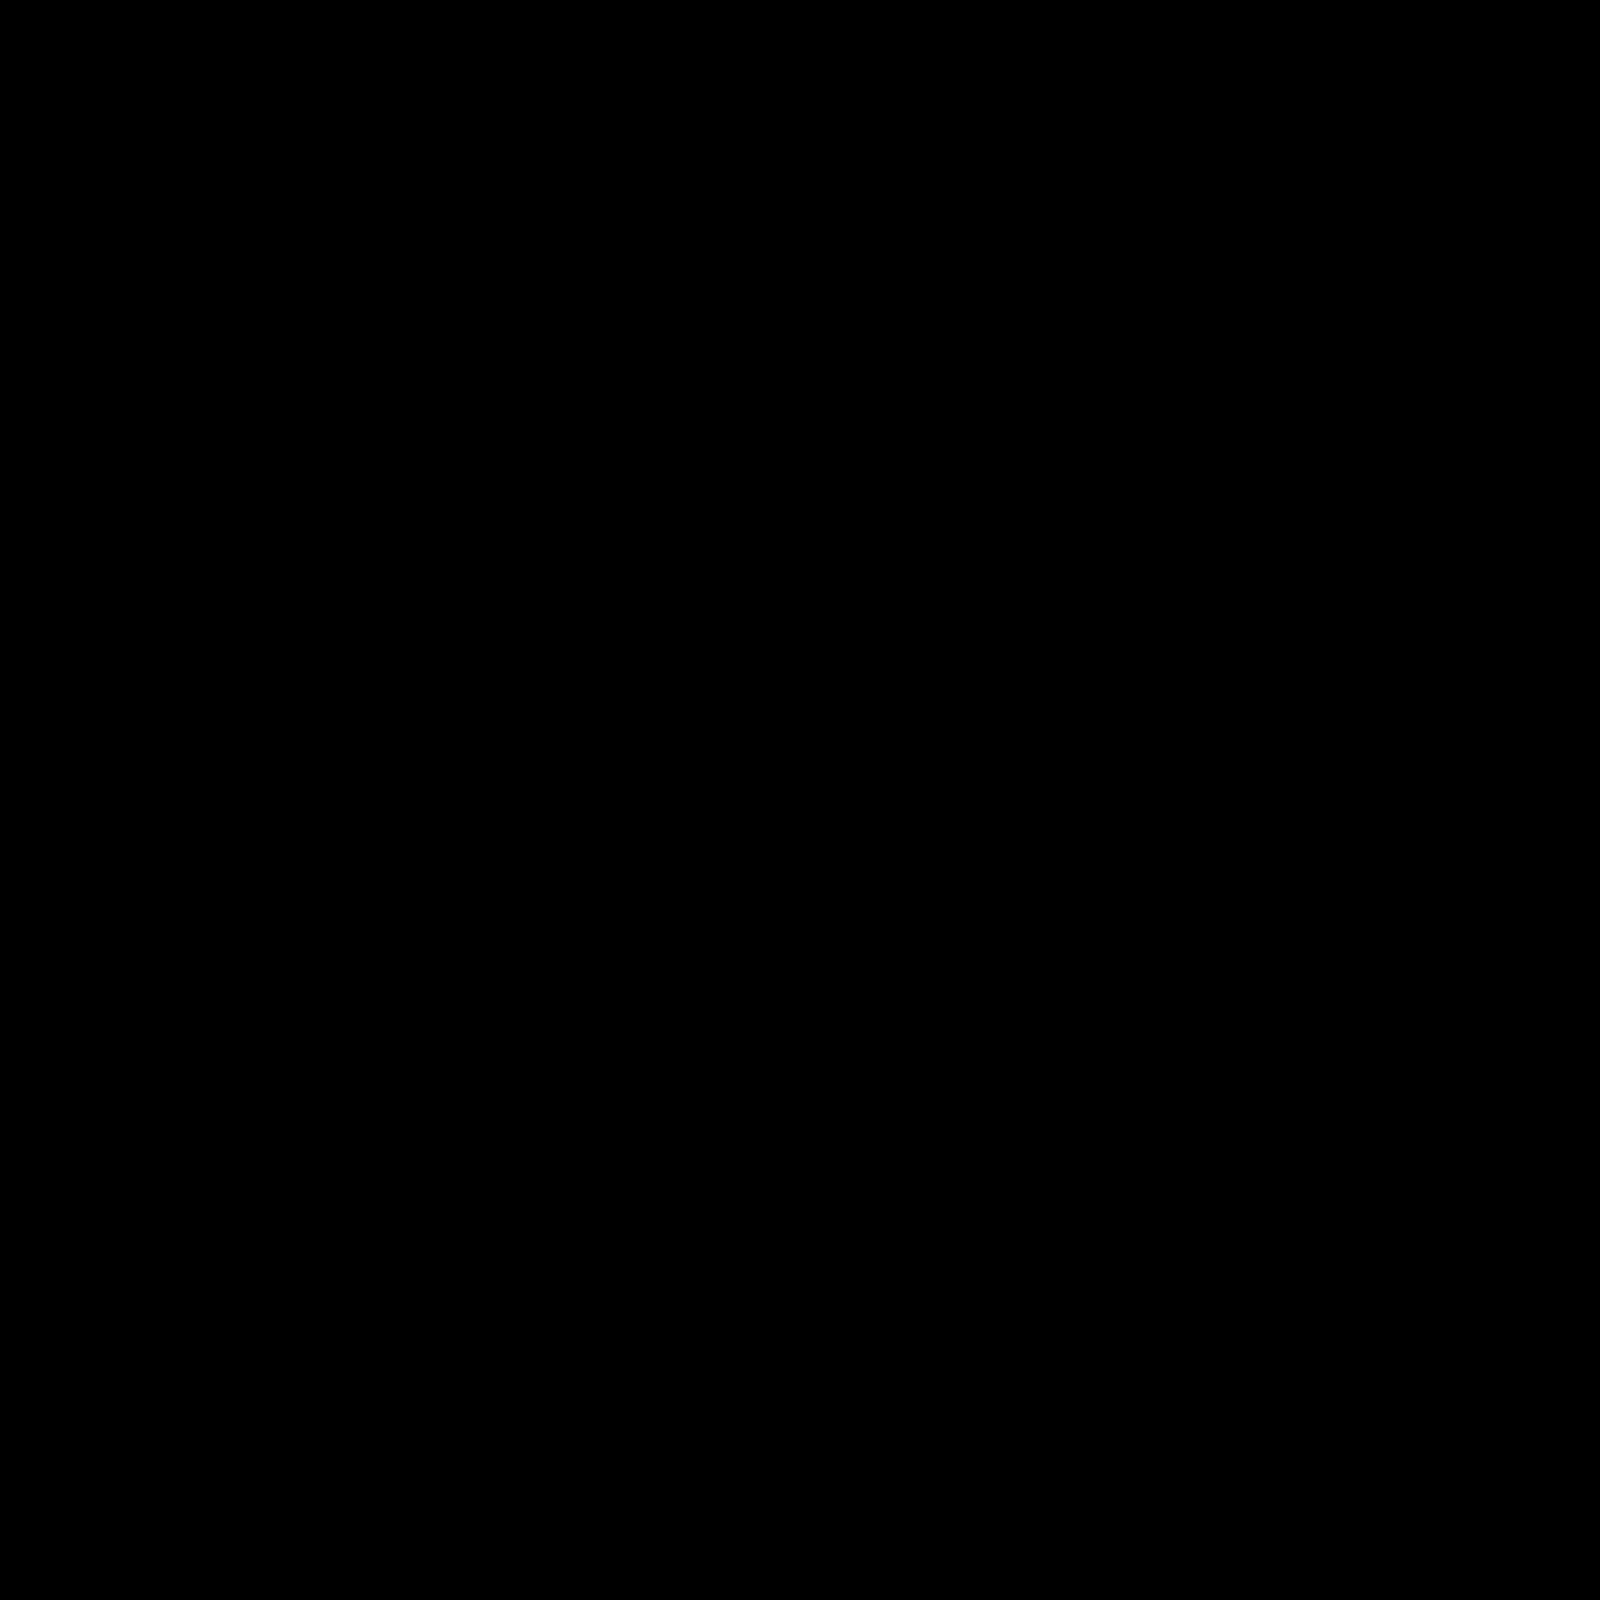 Male Stroke H icon